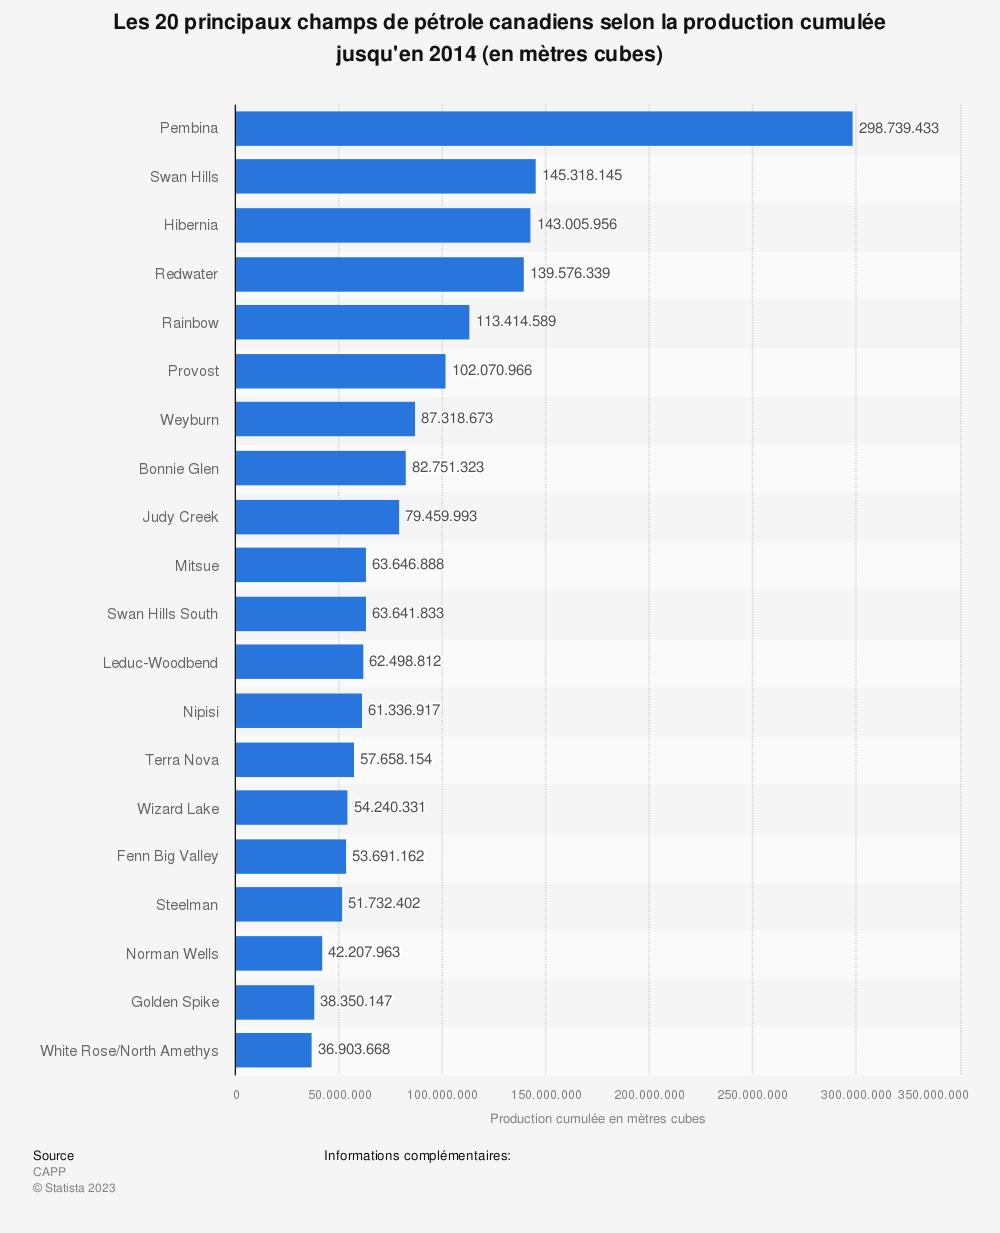 Statistique: Les 20 principaux champs de pétrole canadiens selon la production cumulée jusqu'en 2014 (en mètres cubes) | Statista